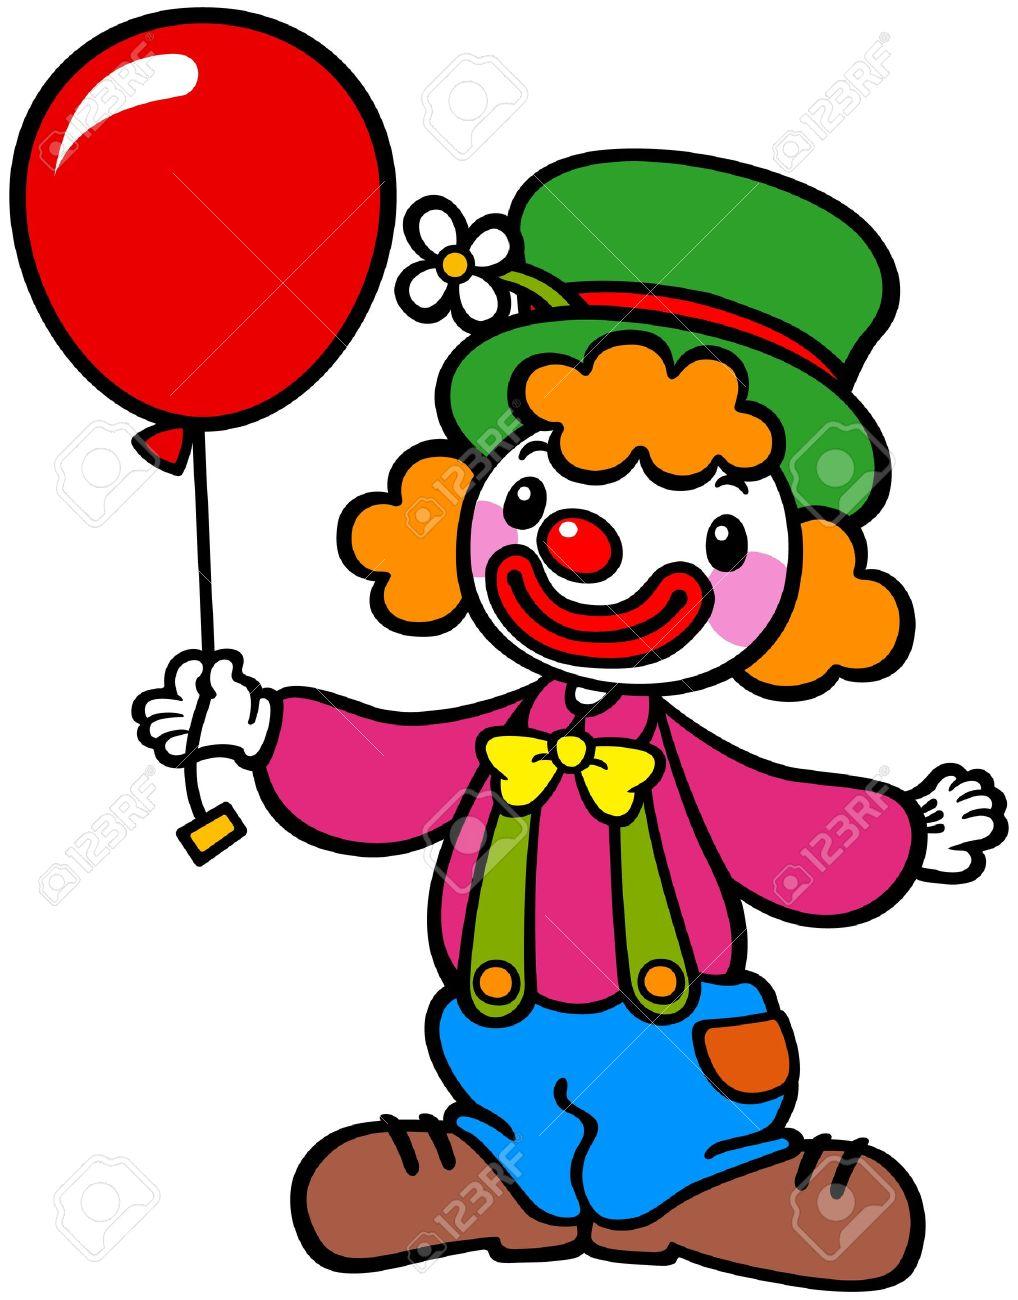 3549 Clown free clipart.